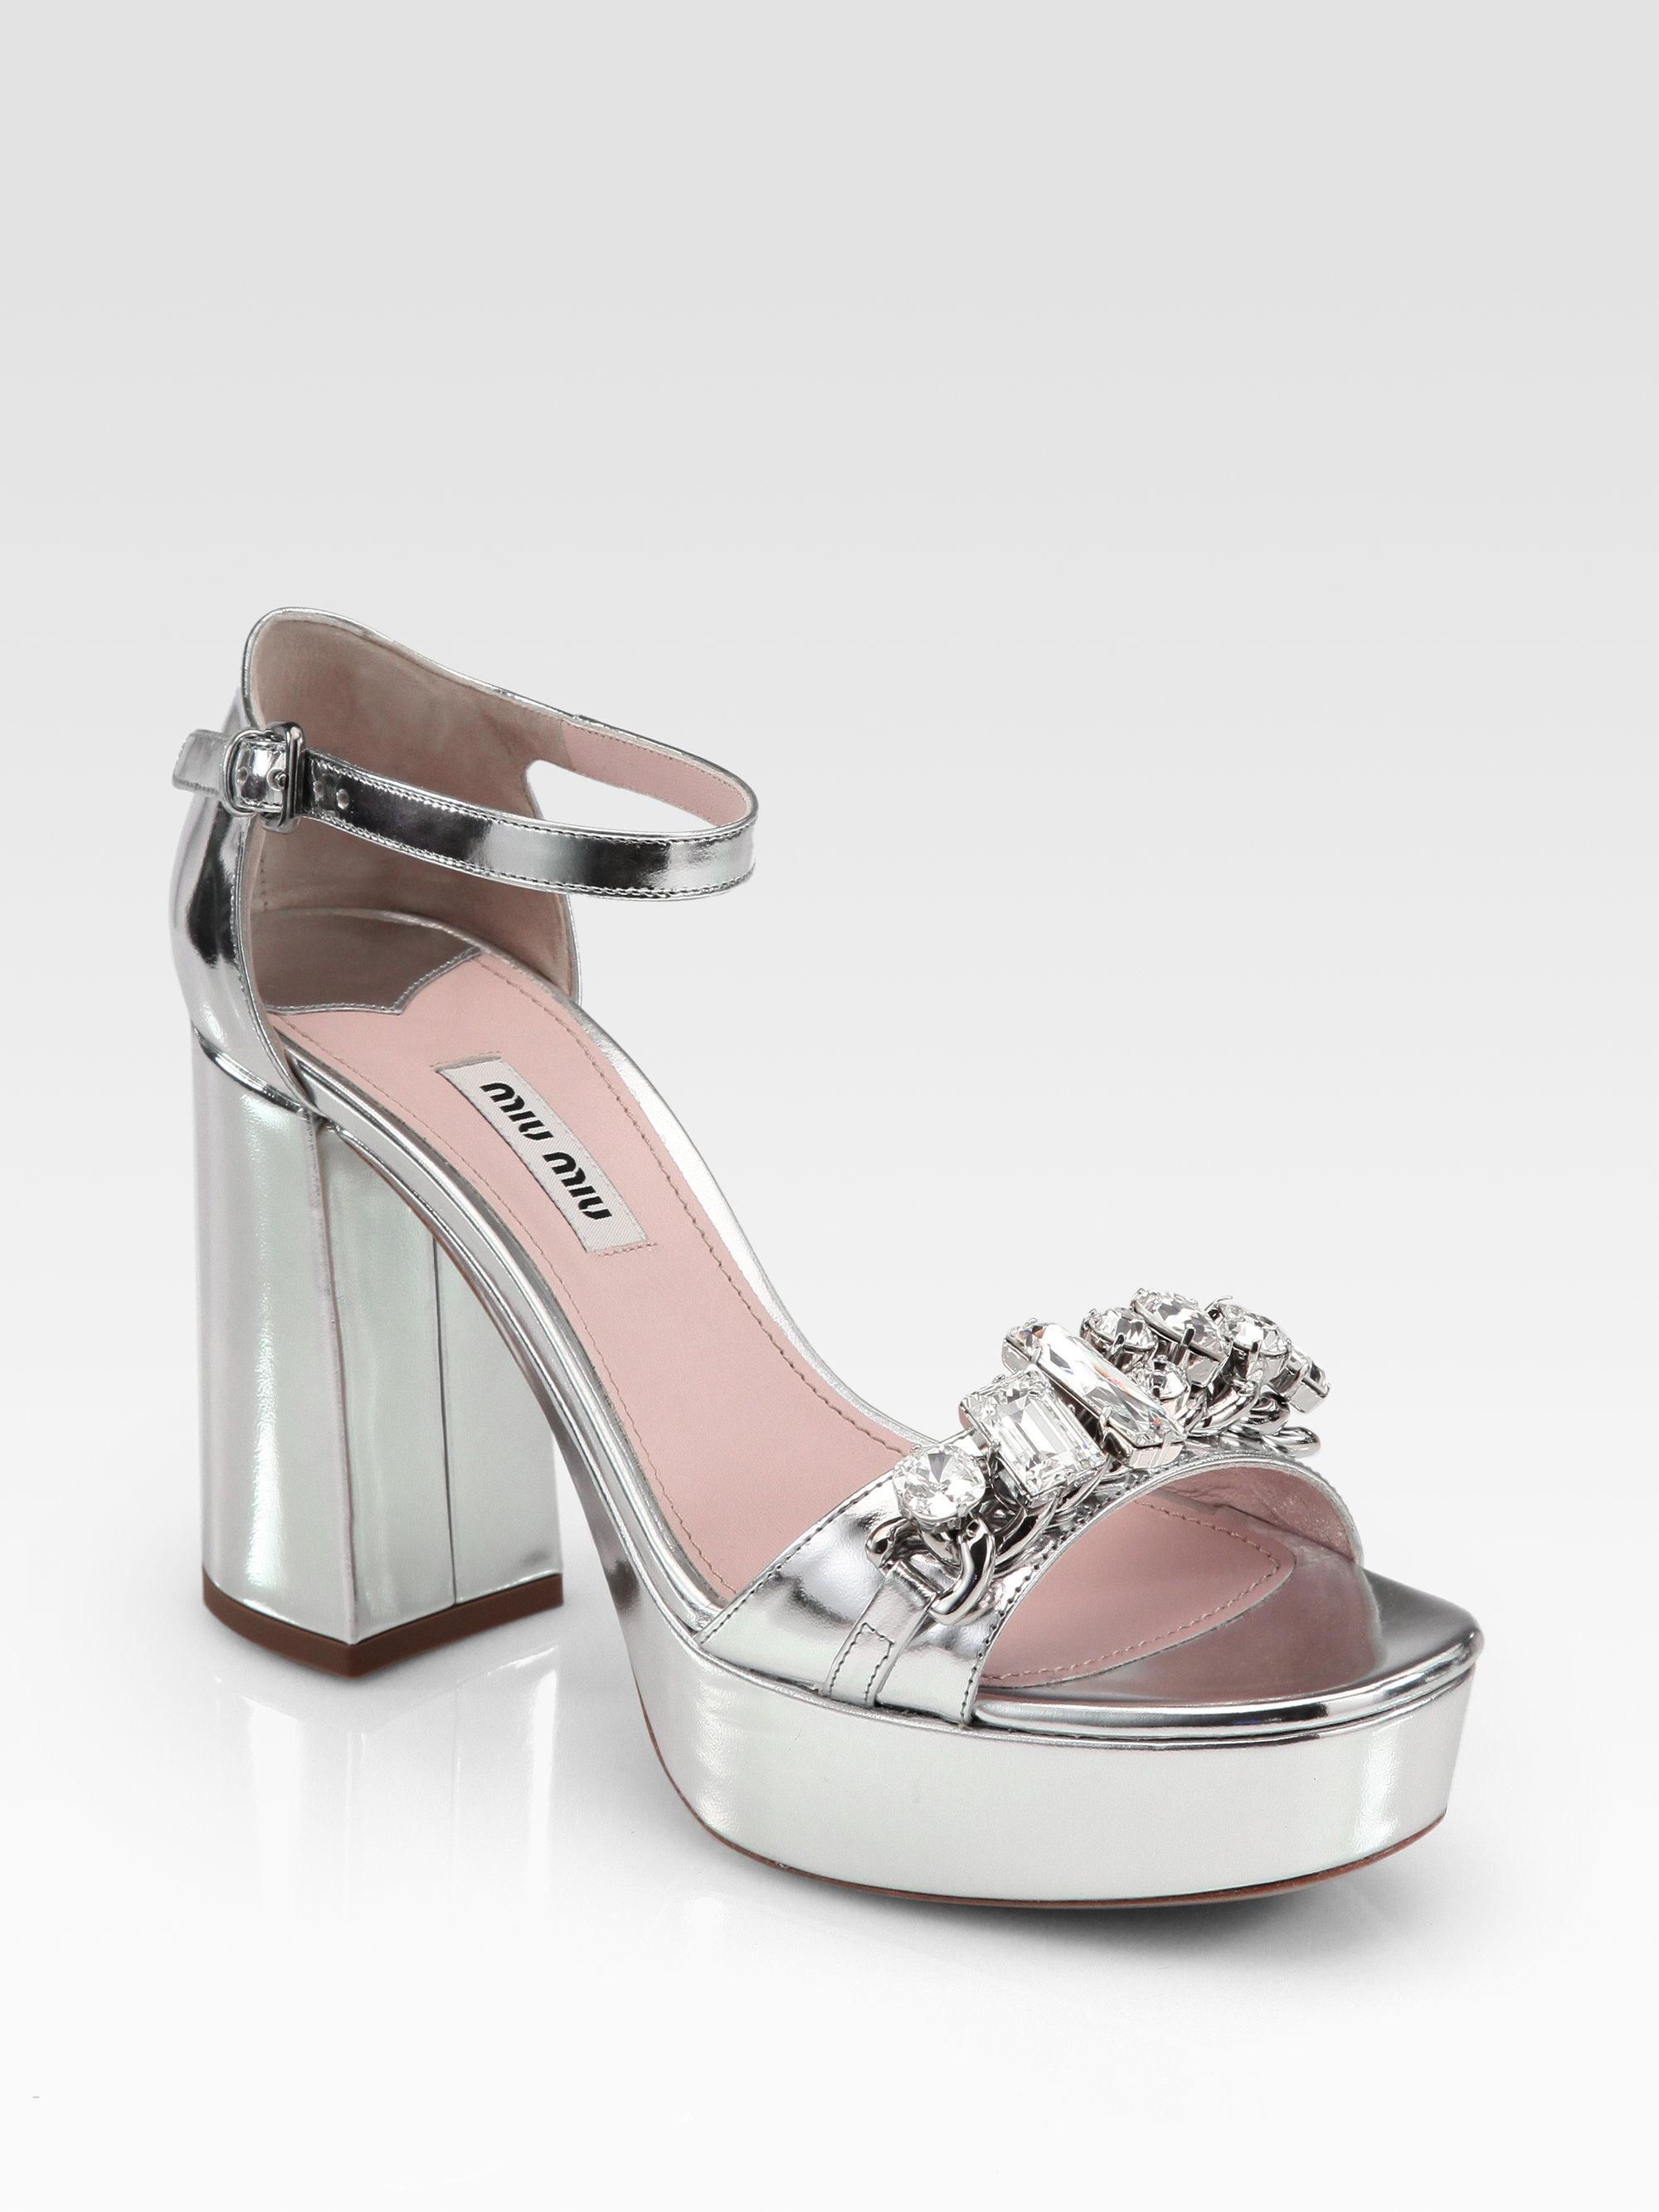 f21cdfa1820b4d Lyst - Miu Miu Metallic Leather Jeweled Platform Sandals in Gray